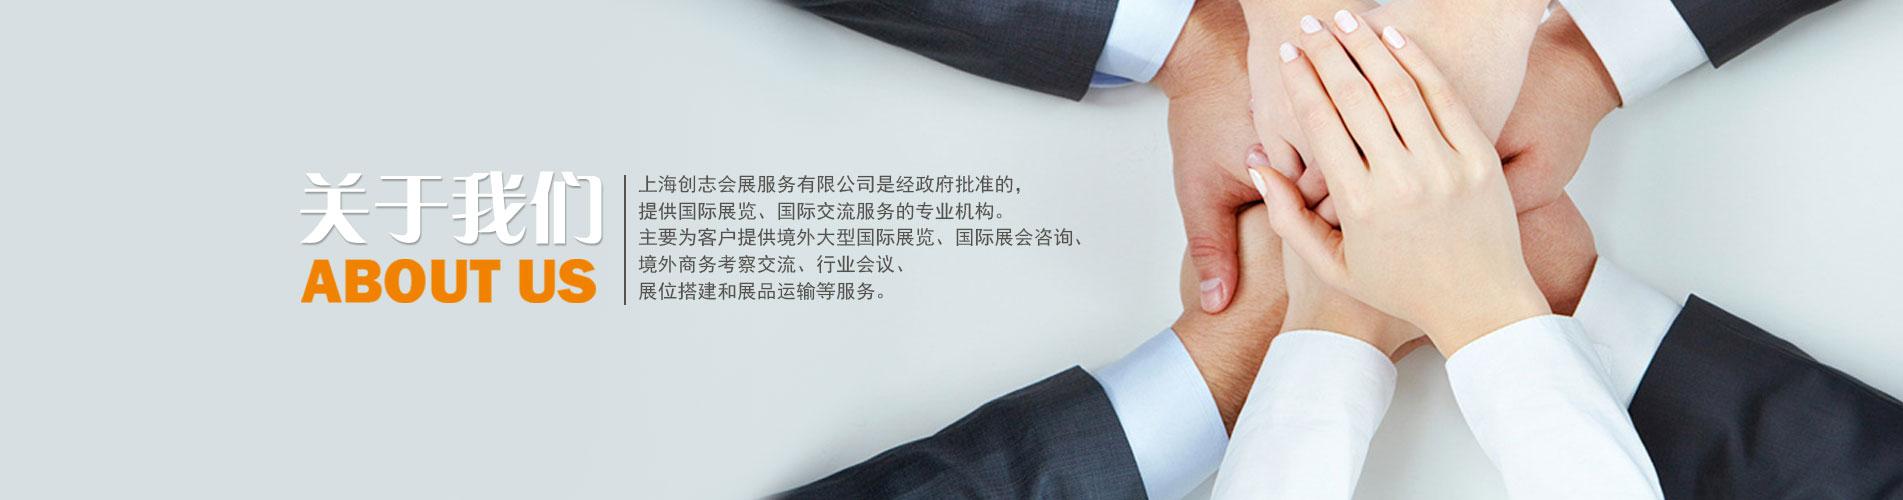 上海创志会展服务有限公司